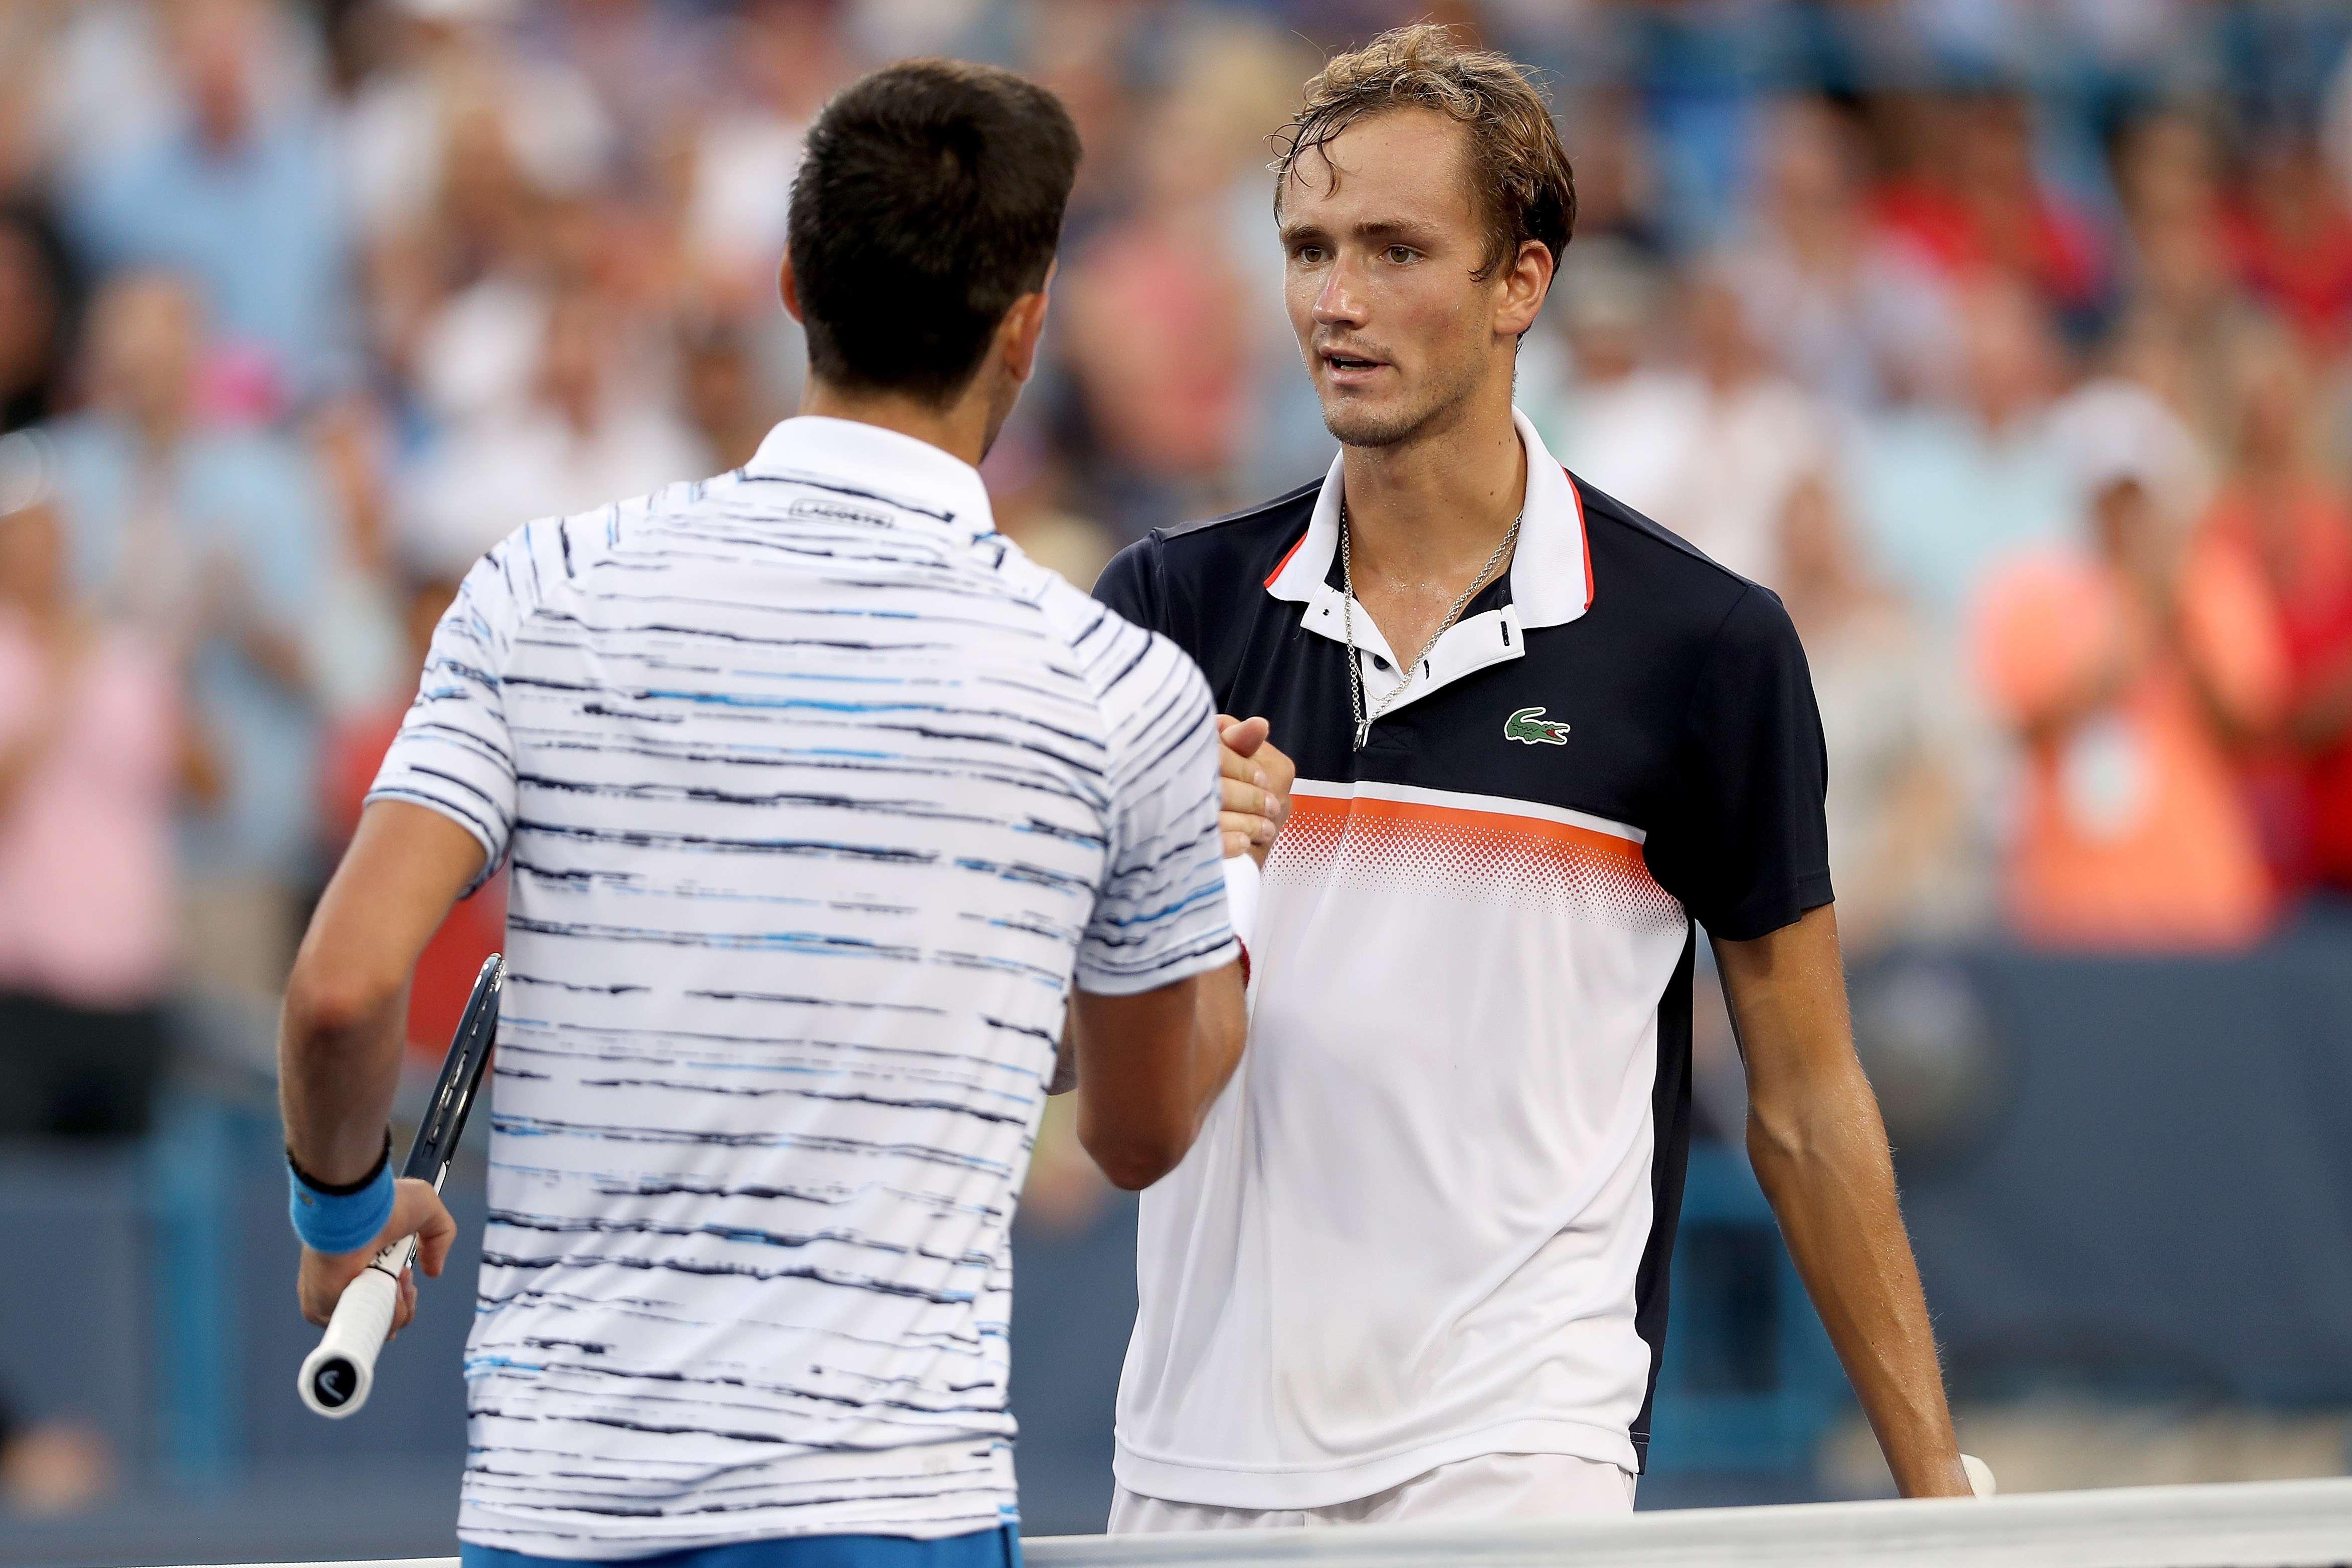 Tennis - ATP - Magistral à Cincinnati, Medvedev renverse Djokovic